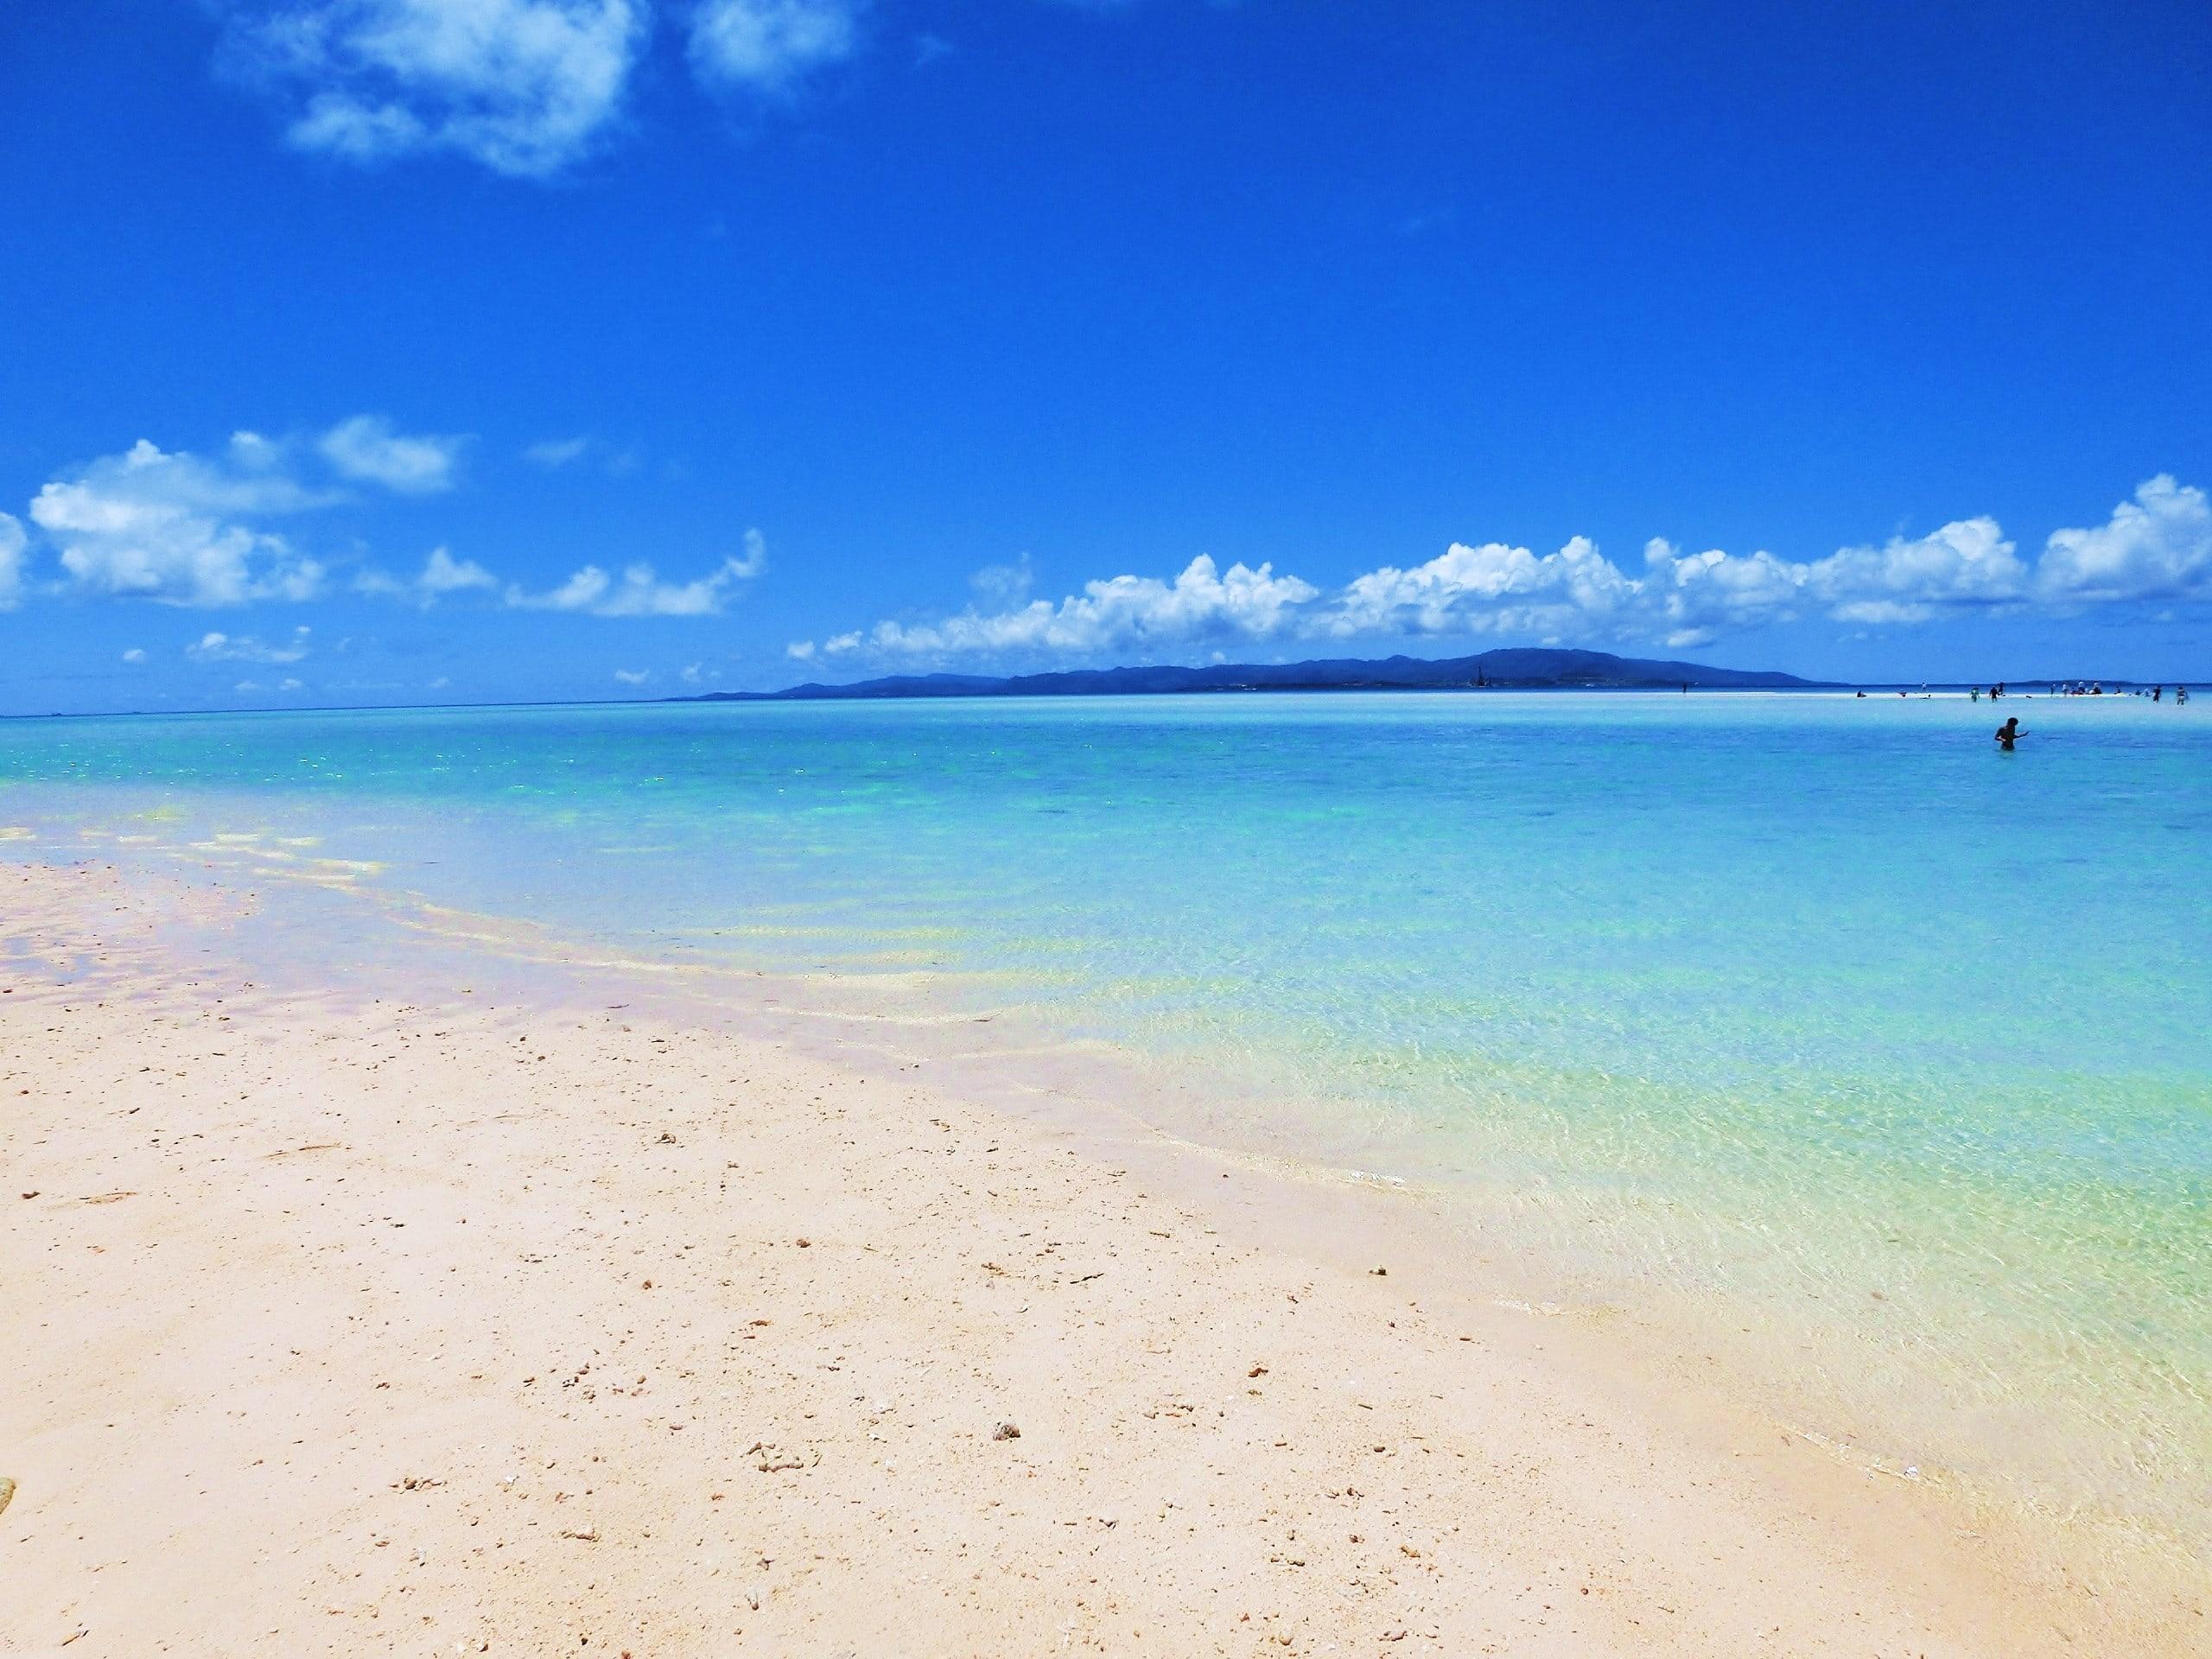 |沖縄|ゲストハウス|竹富島、沖縄伝統集落内のゲストハウス、沖縄で一番沖縄らしい島です!